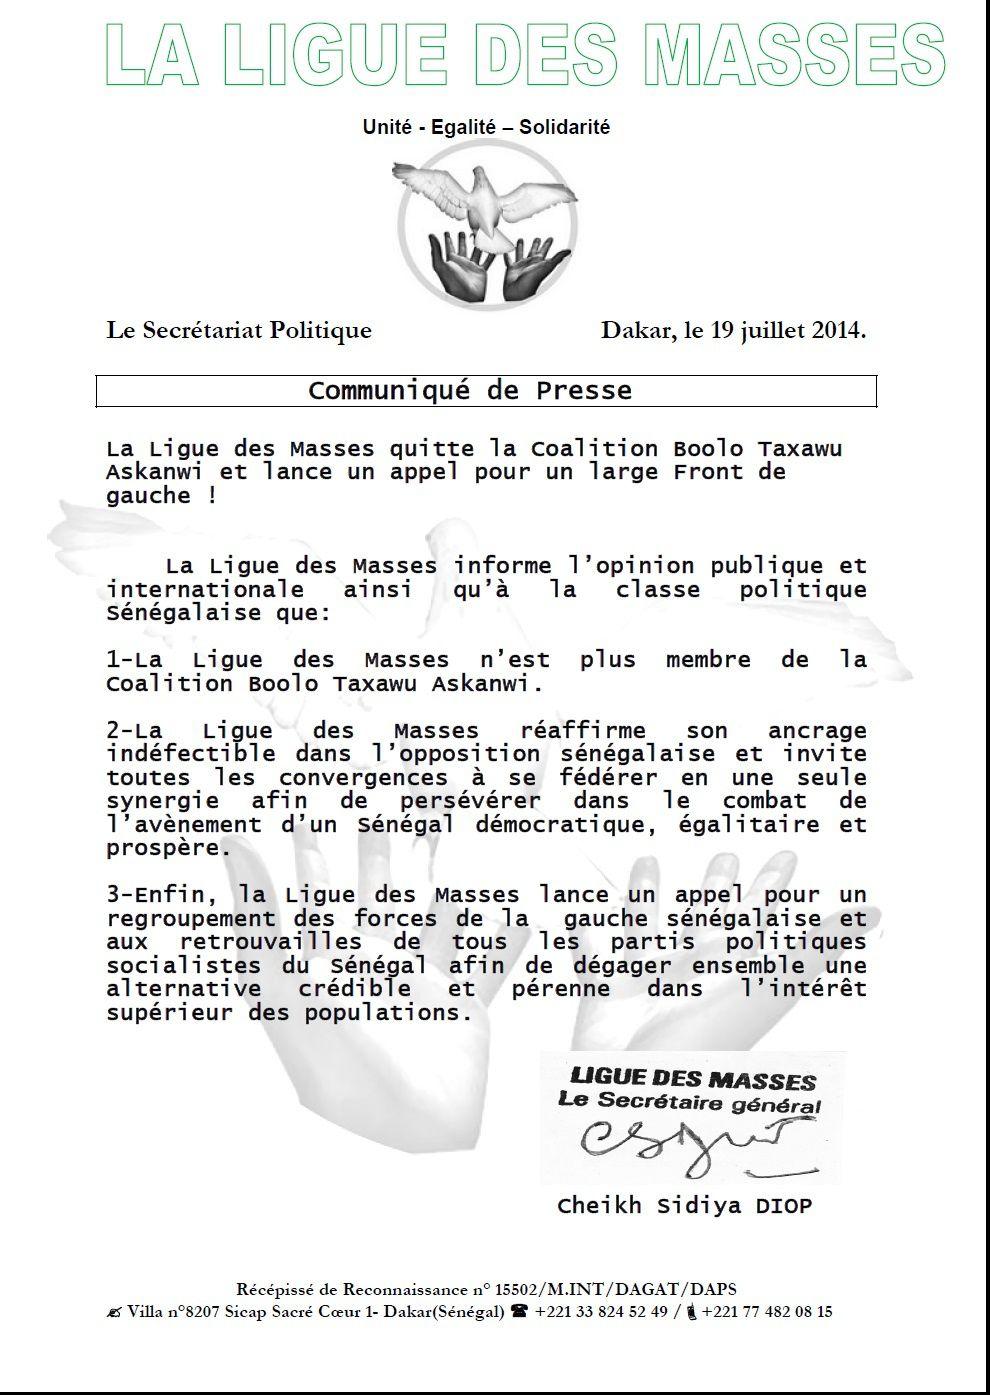 Dakar: communiqué de presse de la Ligue des Masses